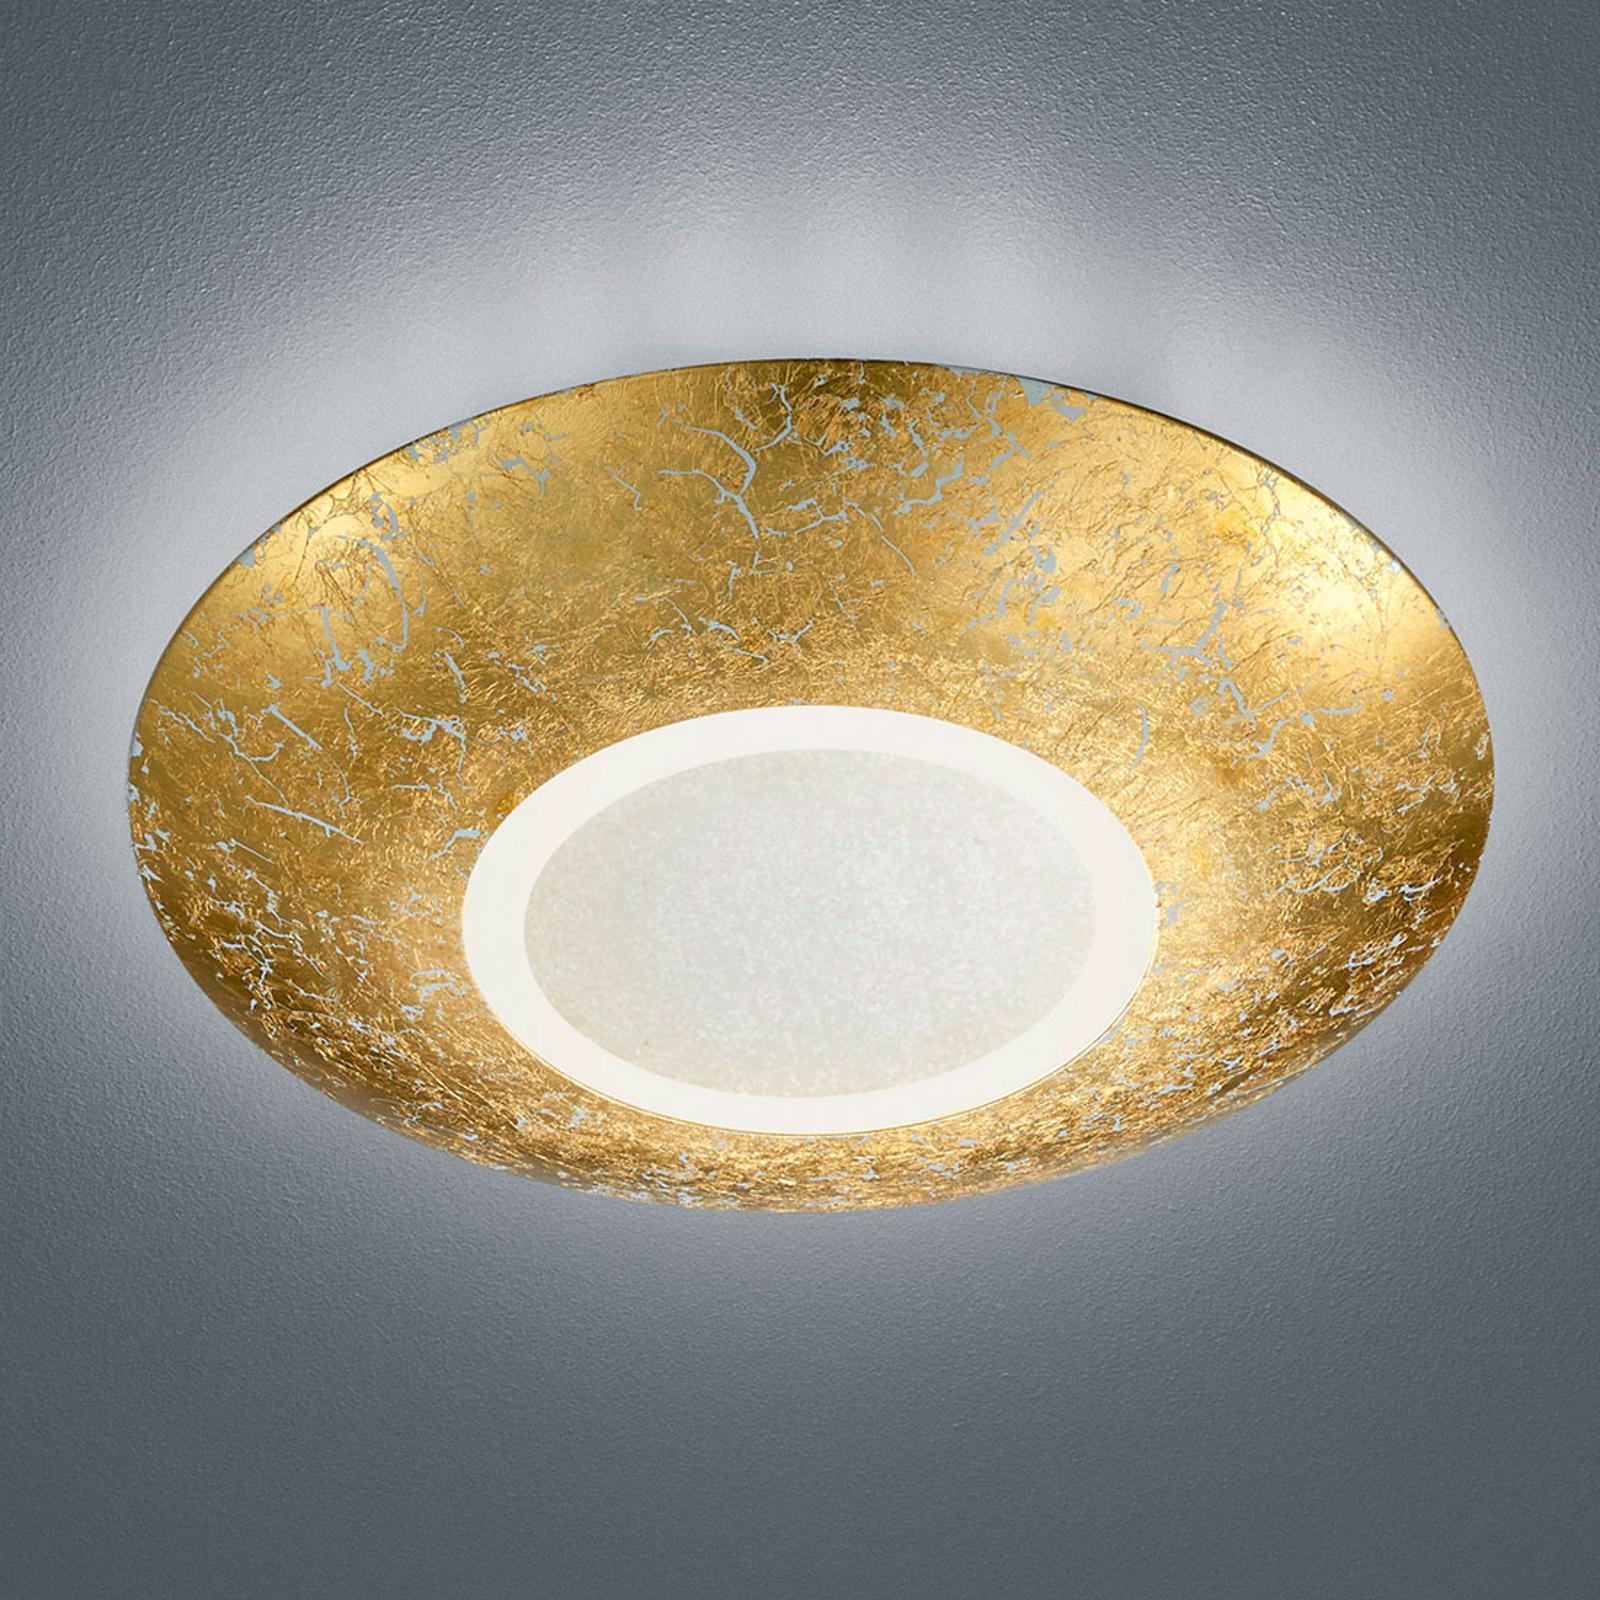 LED-kattolamppu Chiros pyöreä kullan värinen